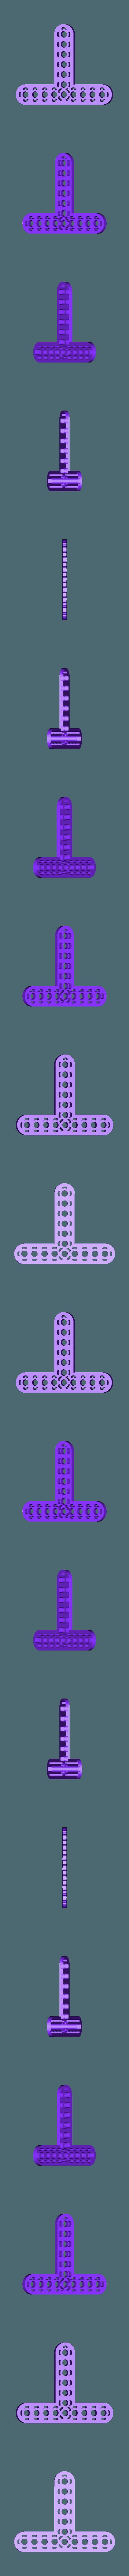 T_9_7.STL Télécharger fichier STL gratuit MEGA Expansion 200+ Pièces • Plan à imprimer en 3D, Pwentey